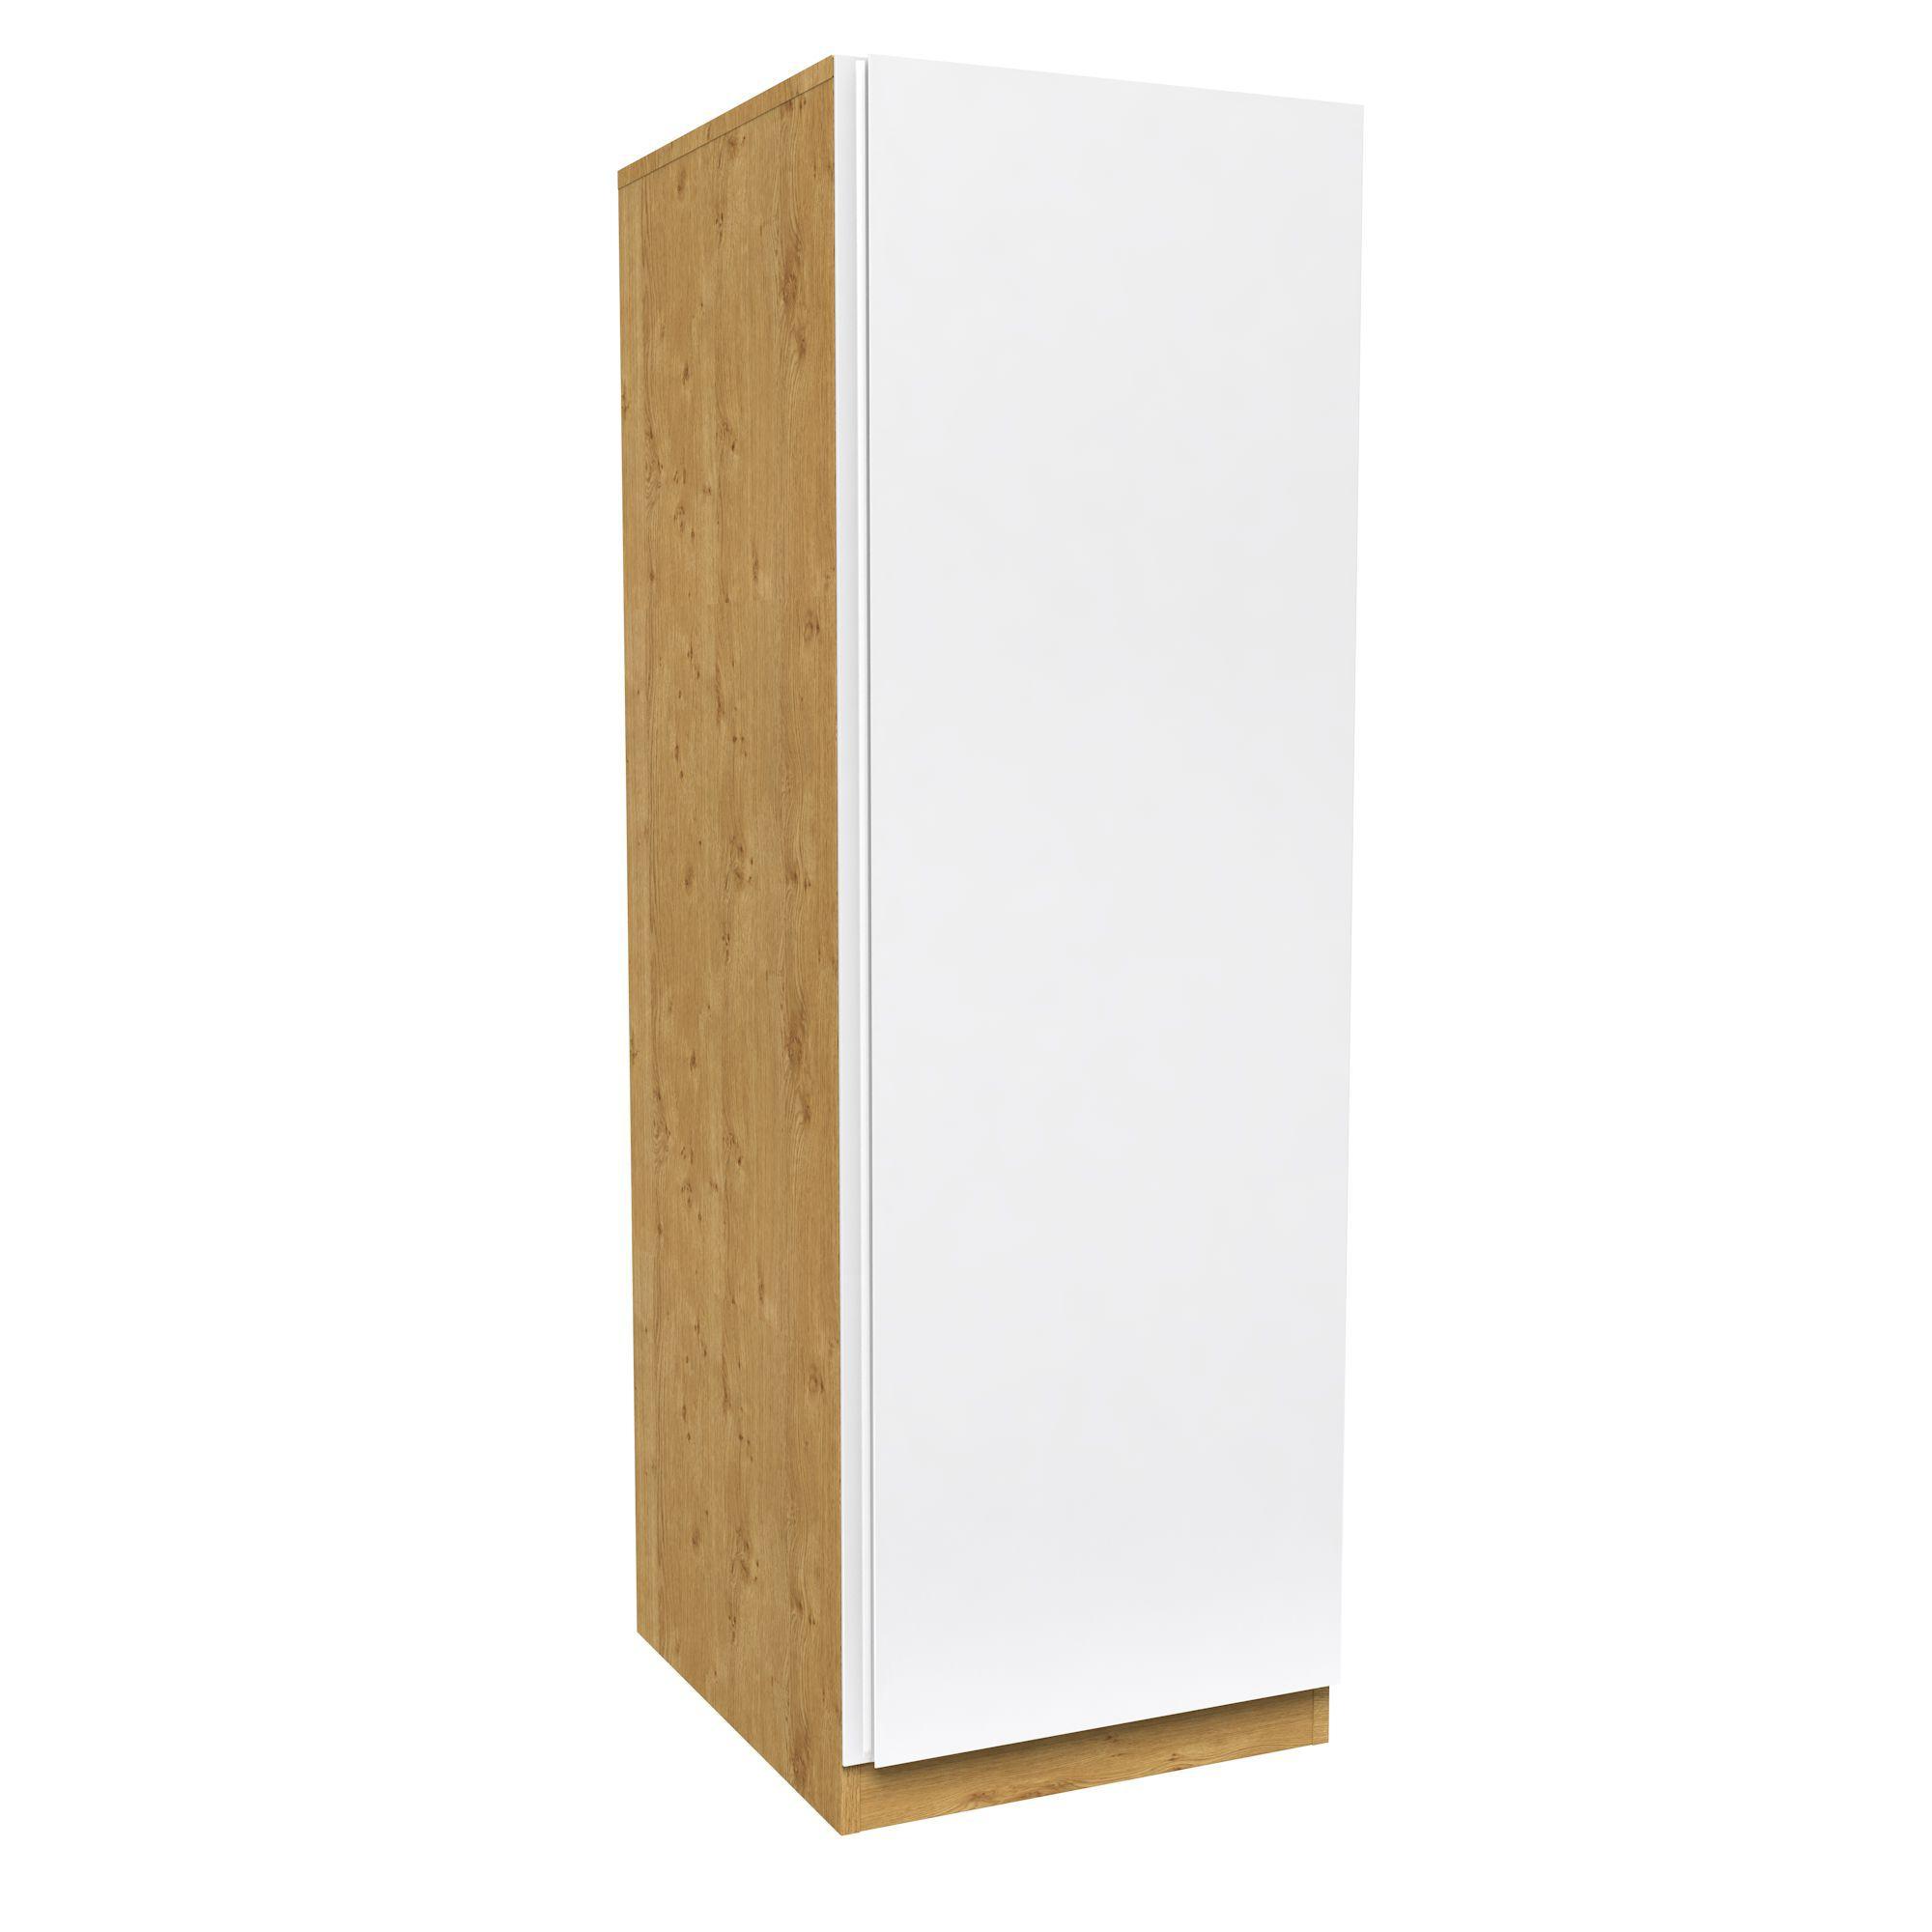 Darwin White & Oak Effect 1 Door Wardrobe (h)1506mm (w)500mm